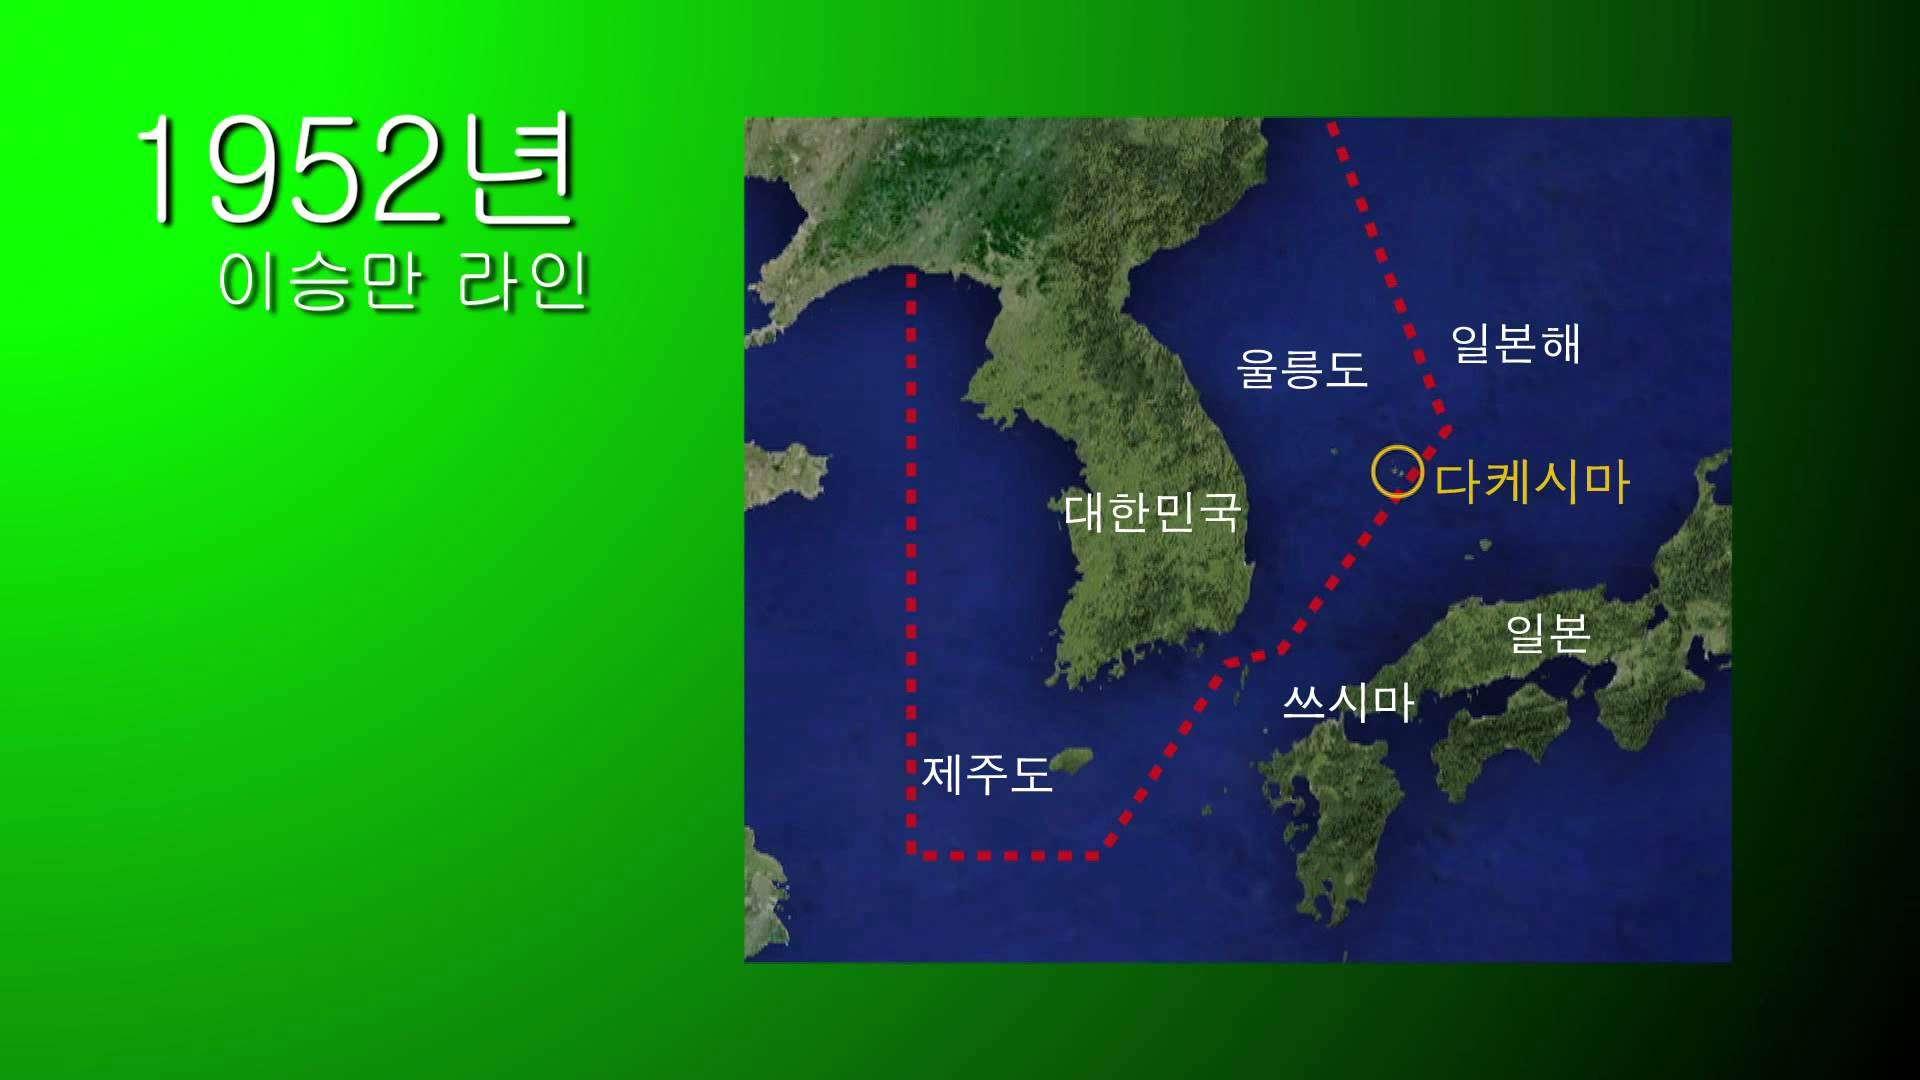 다케시마 - 법과 대화에 의한 해결을 지향하며 - YouTube